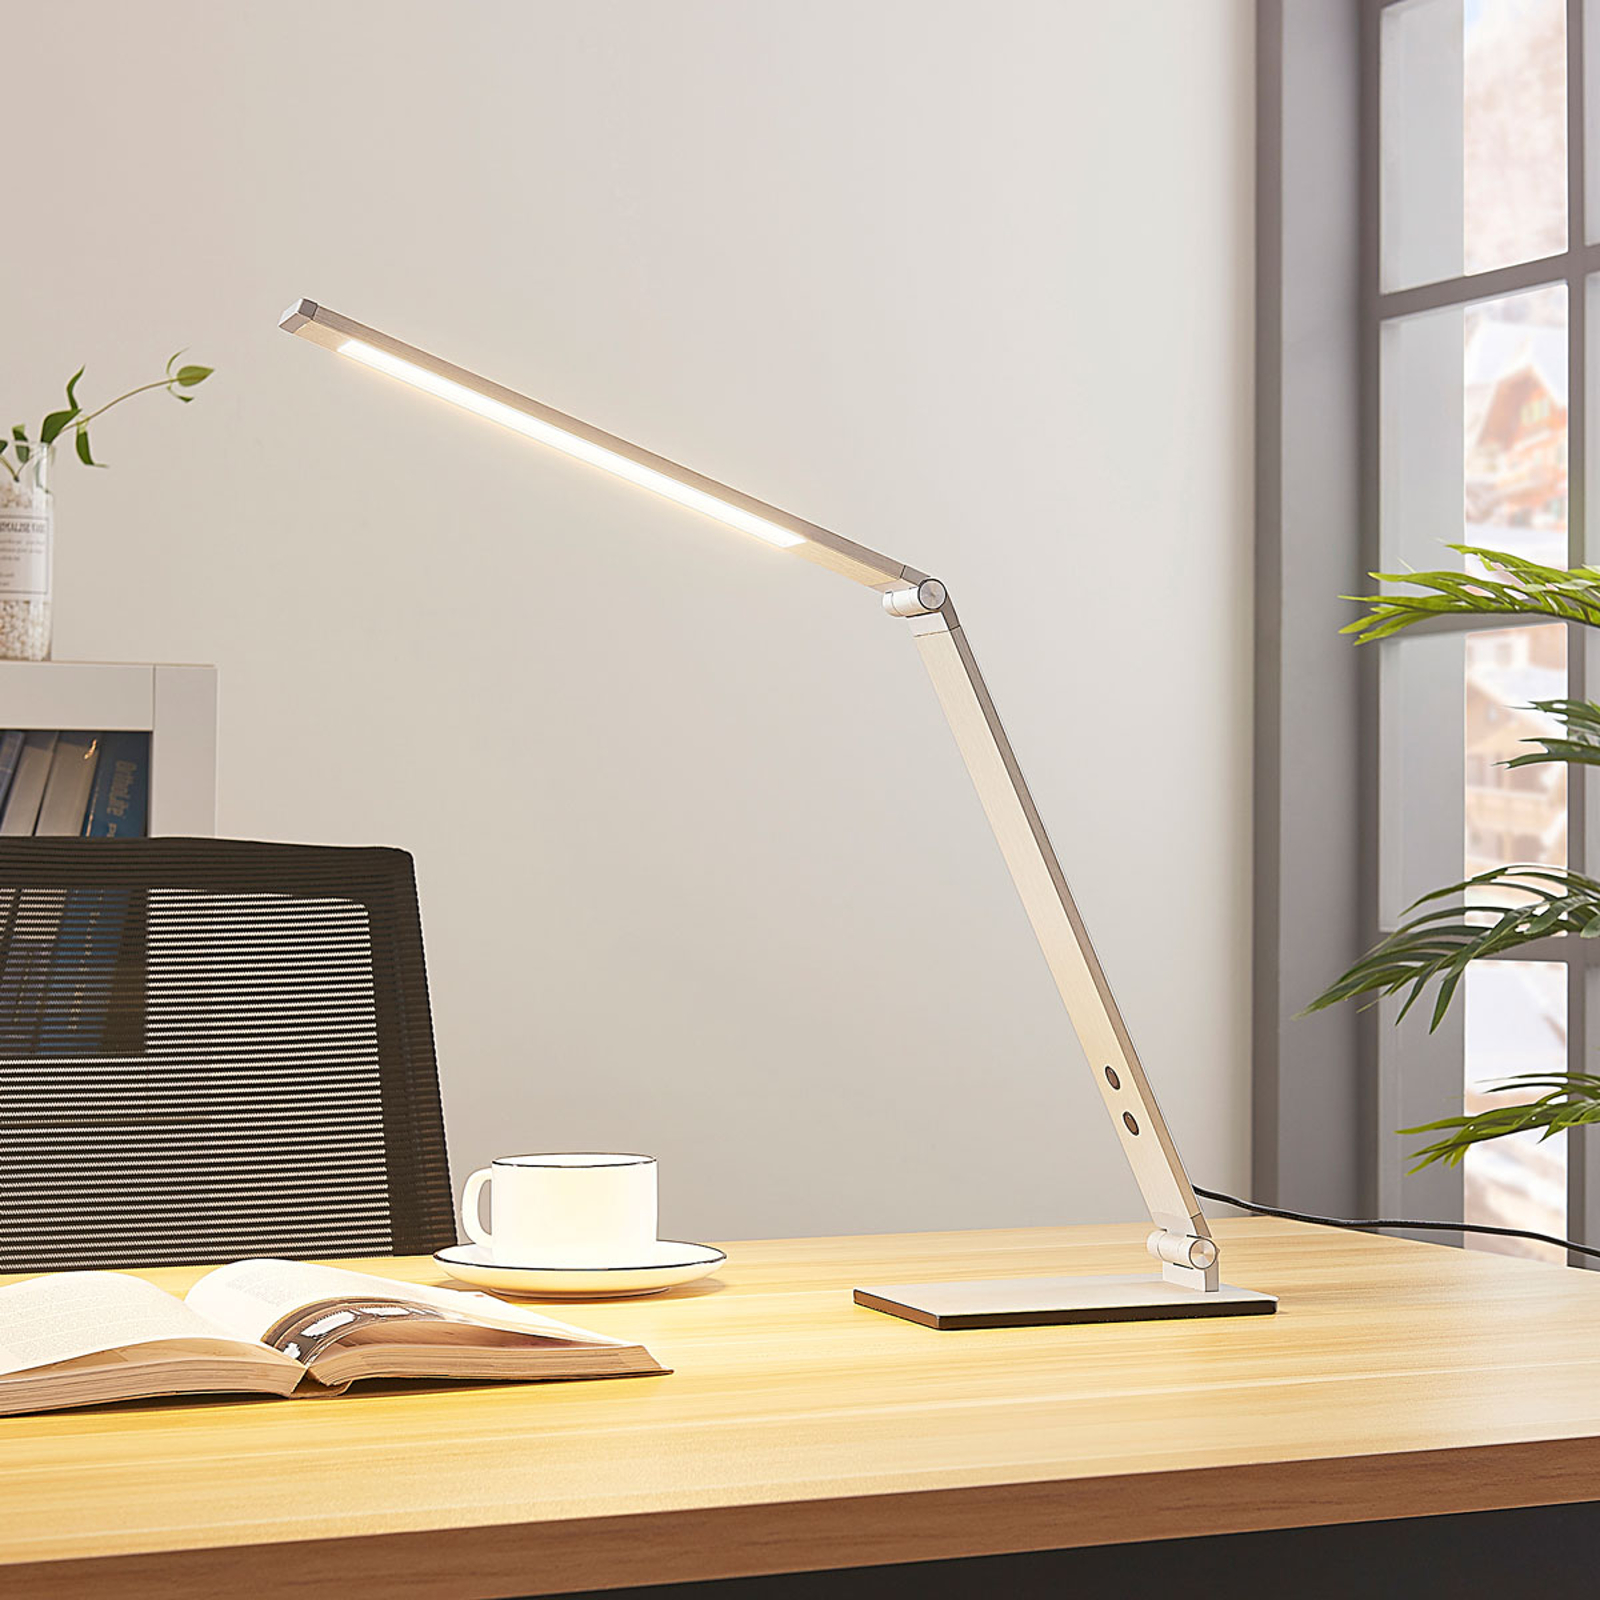 Alu-LED-Schreibtischlampe Nicano mit Dimmer